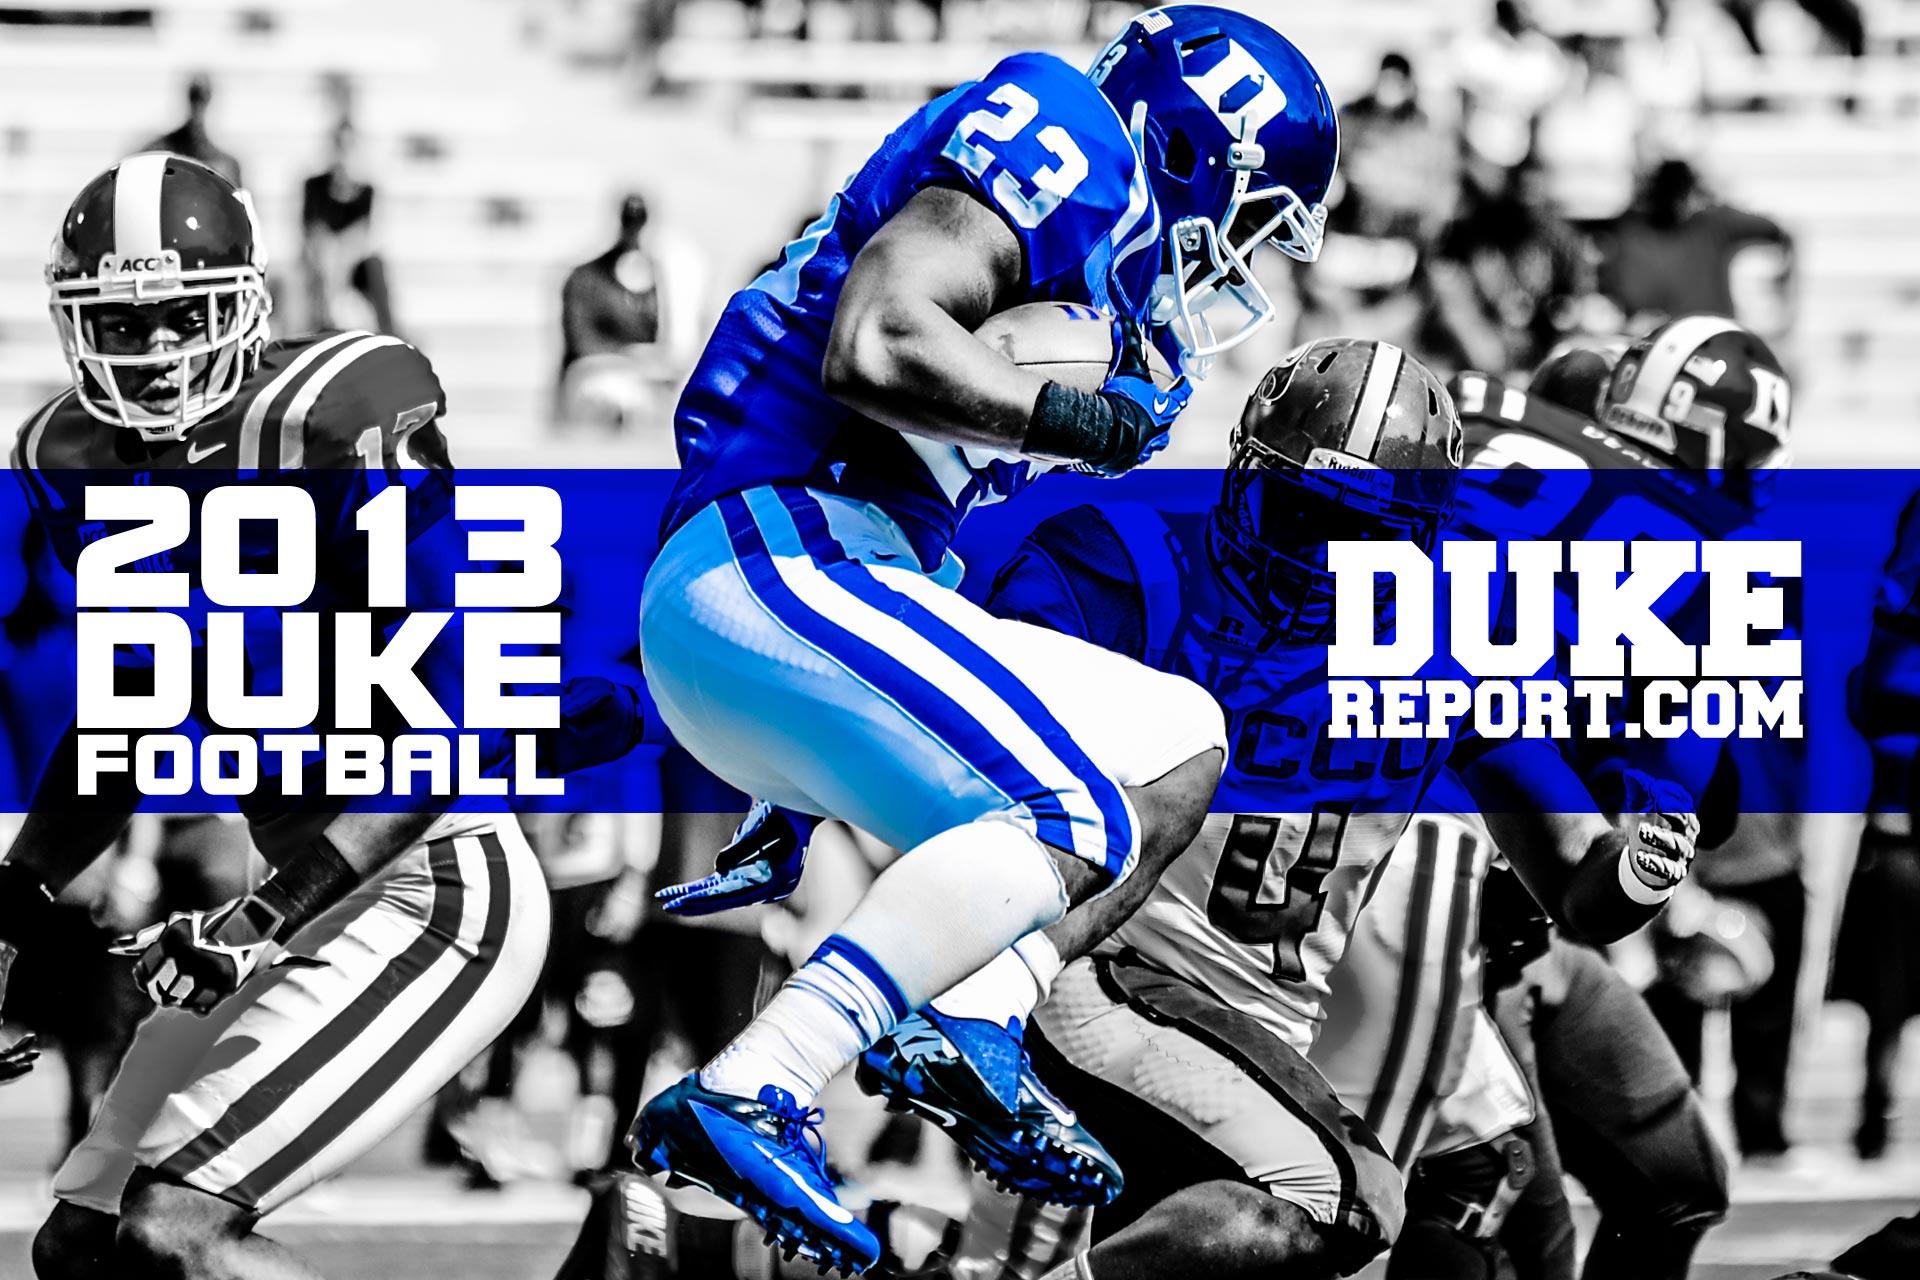 Duke University Wallpaper Duke football wallpapers 1920x1280